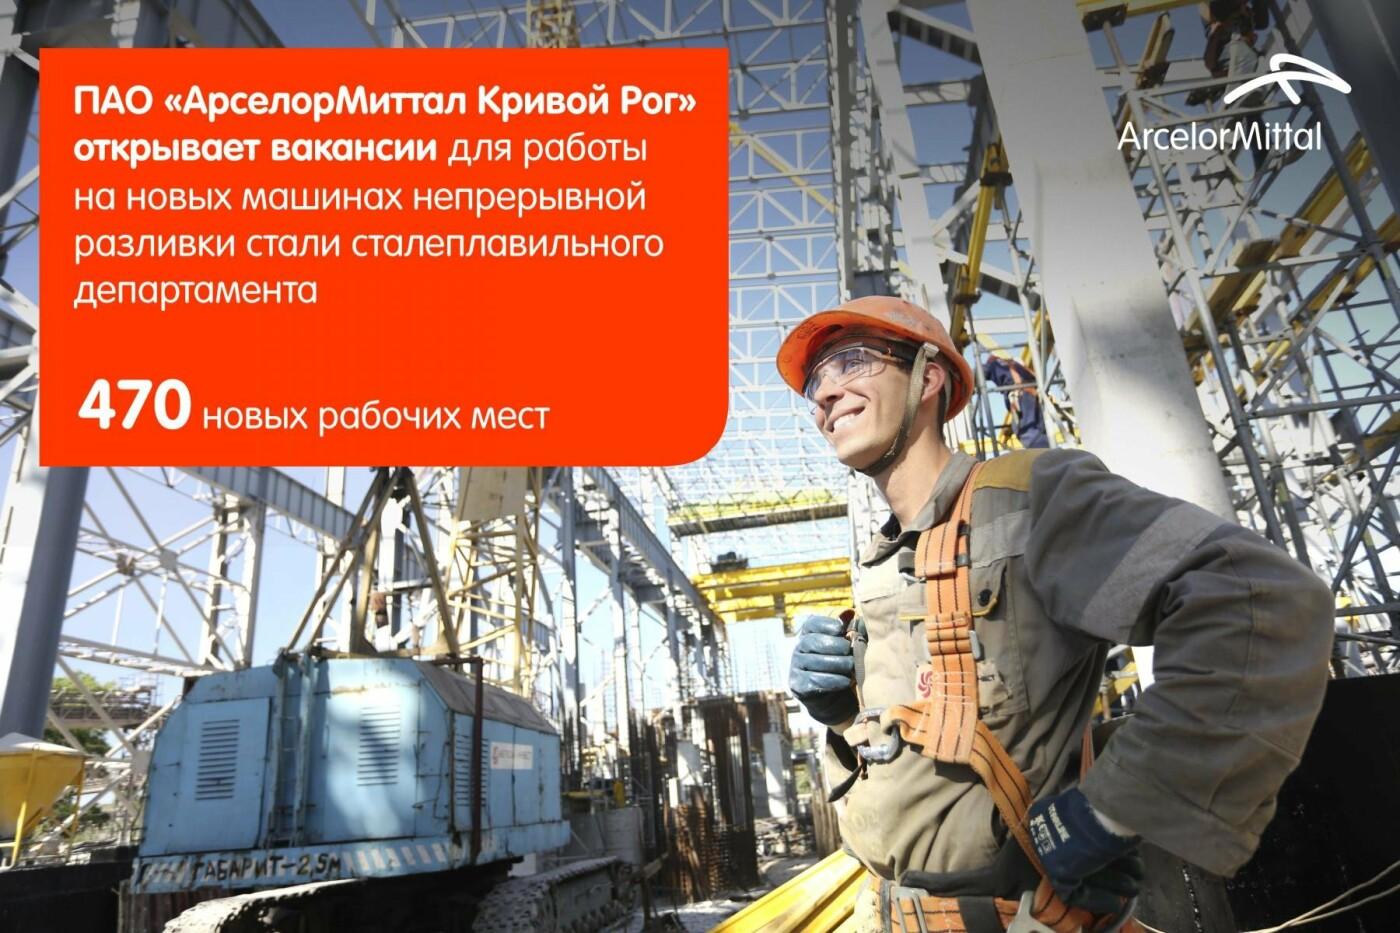 «АрселорМиттал Кривой Рог» открывает 470 новых рабочих мест, фото-1